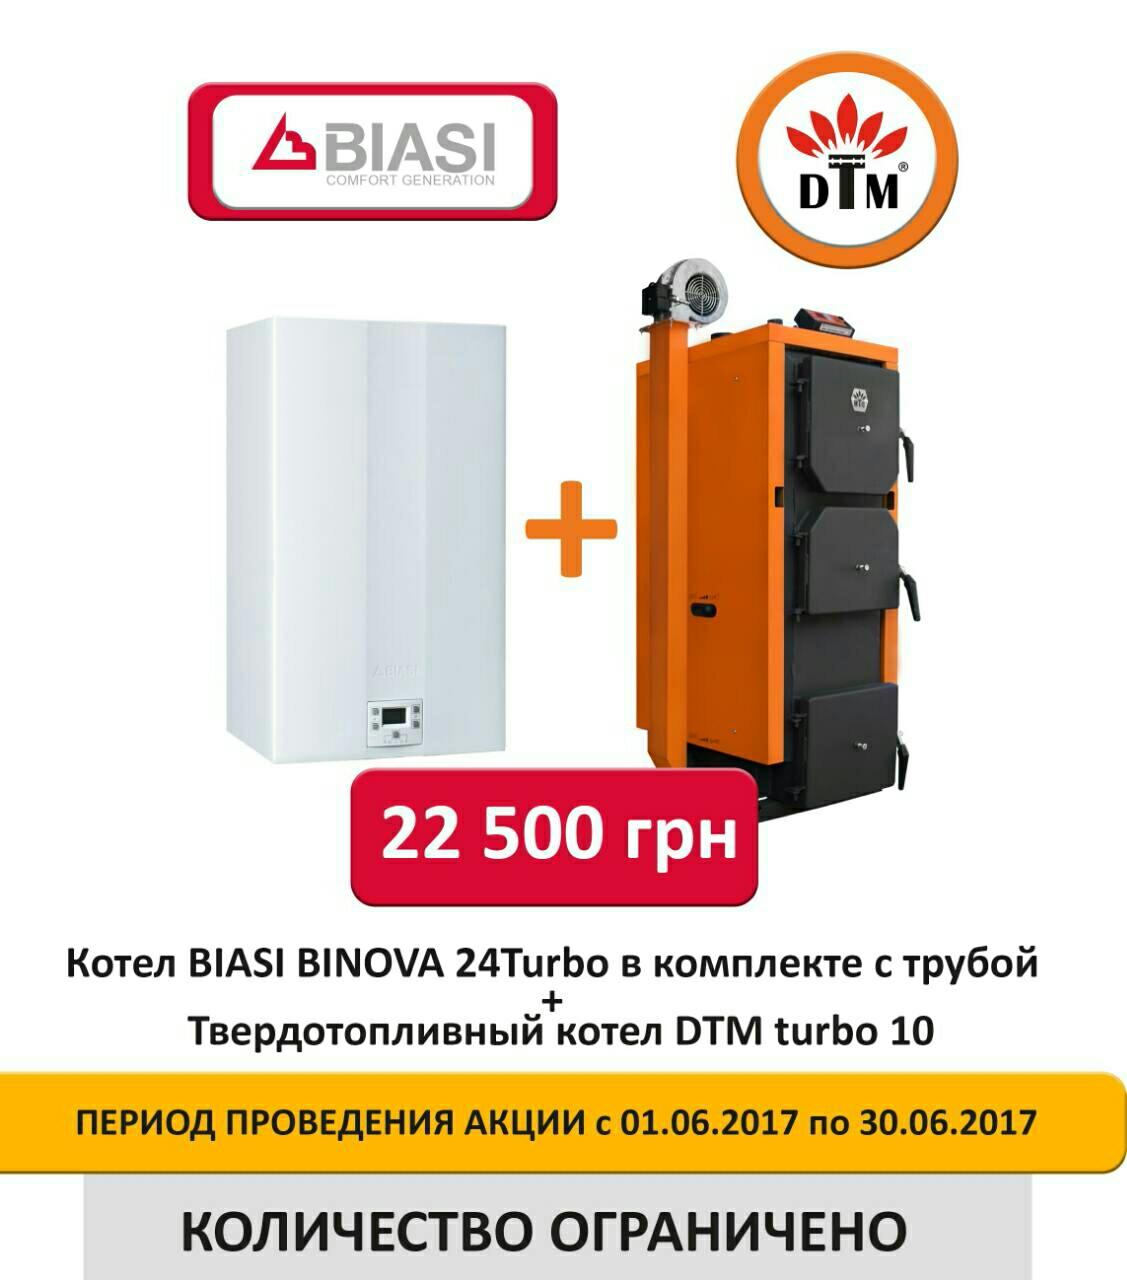 Biasi Binova 24 Turbo+DTM Turbo 10